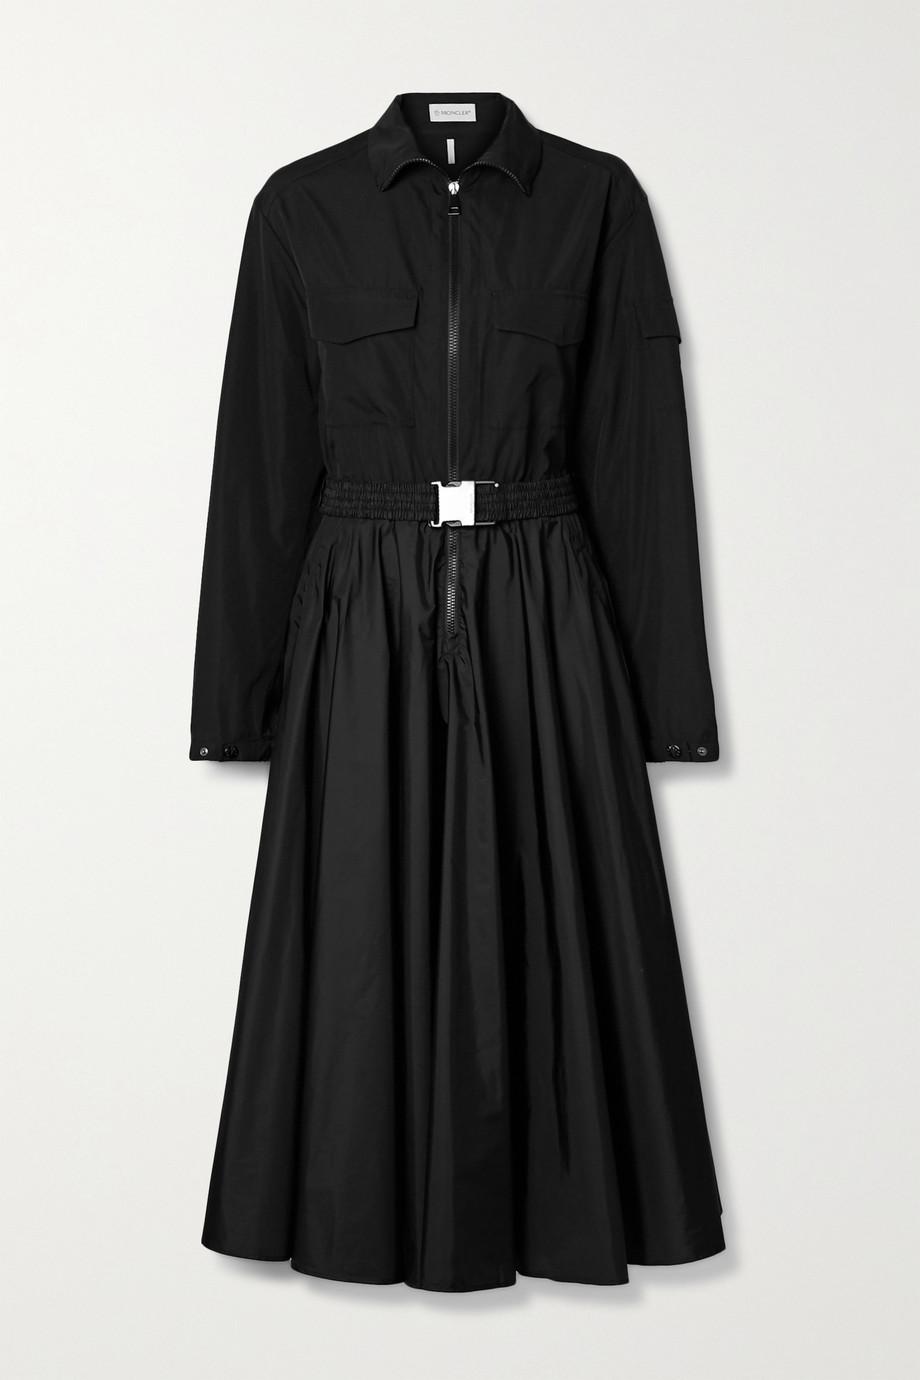 Moncler Robe midi en tissu technique à fronces et à ceinture